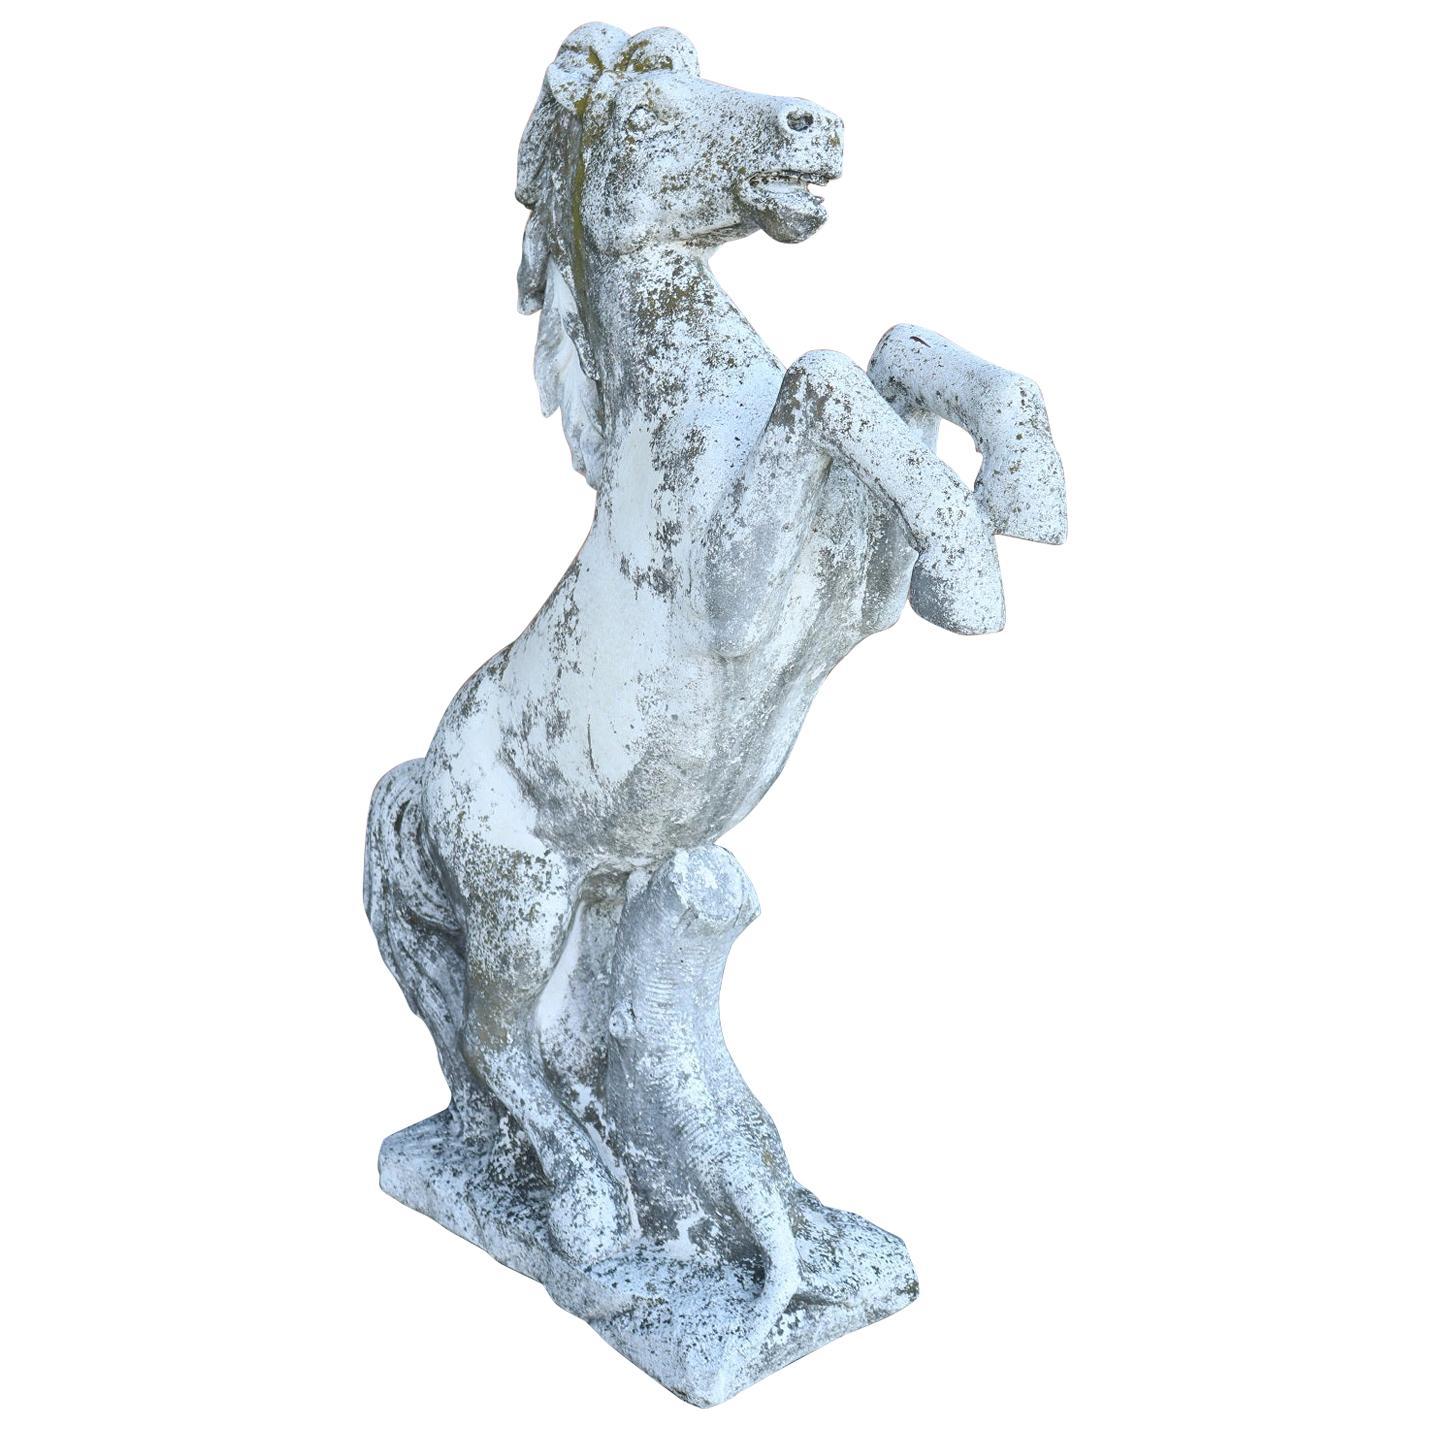 20th Century Italian Stone Garden Horse Statue